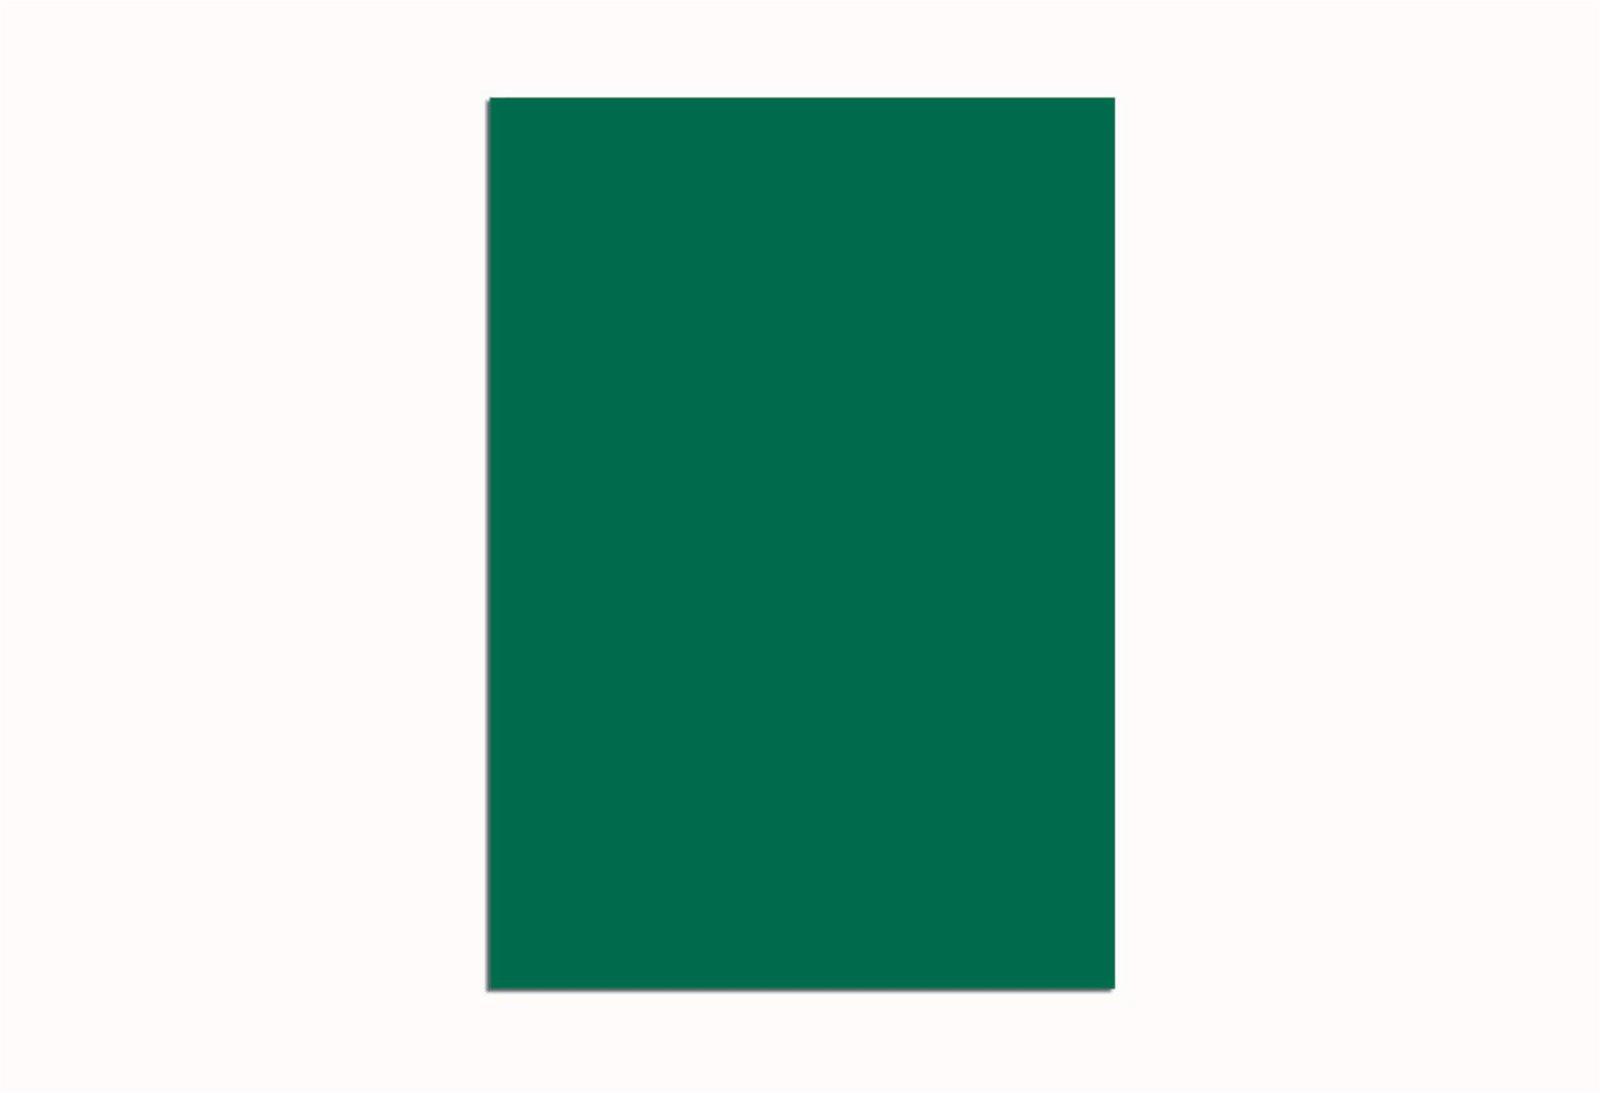 Magnetbogen A4, grün